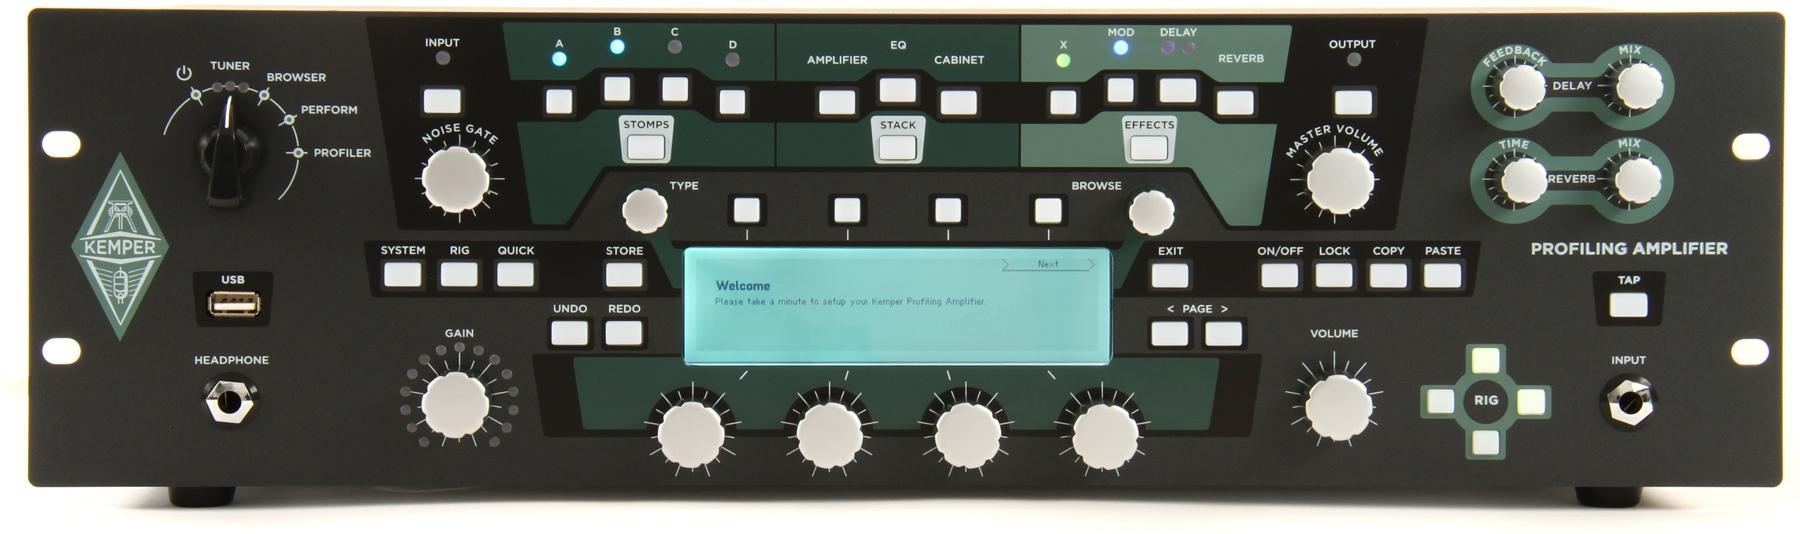 Kemper Releases Firmware V2 0 For Profiling Amp